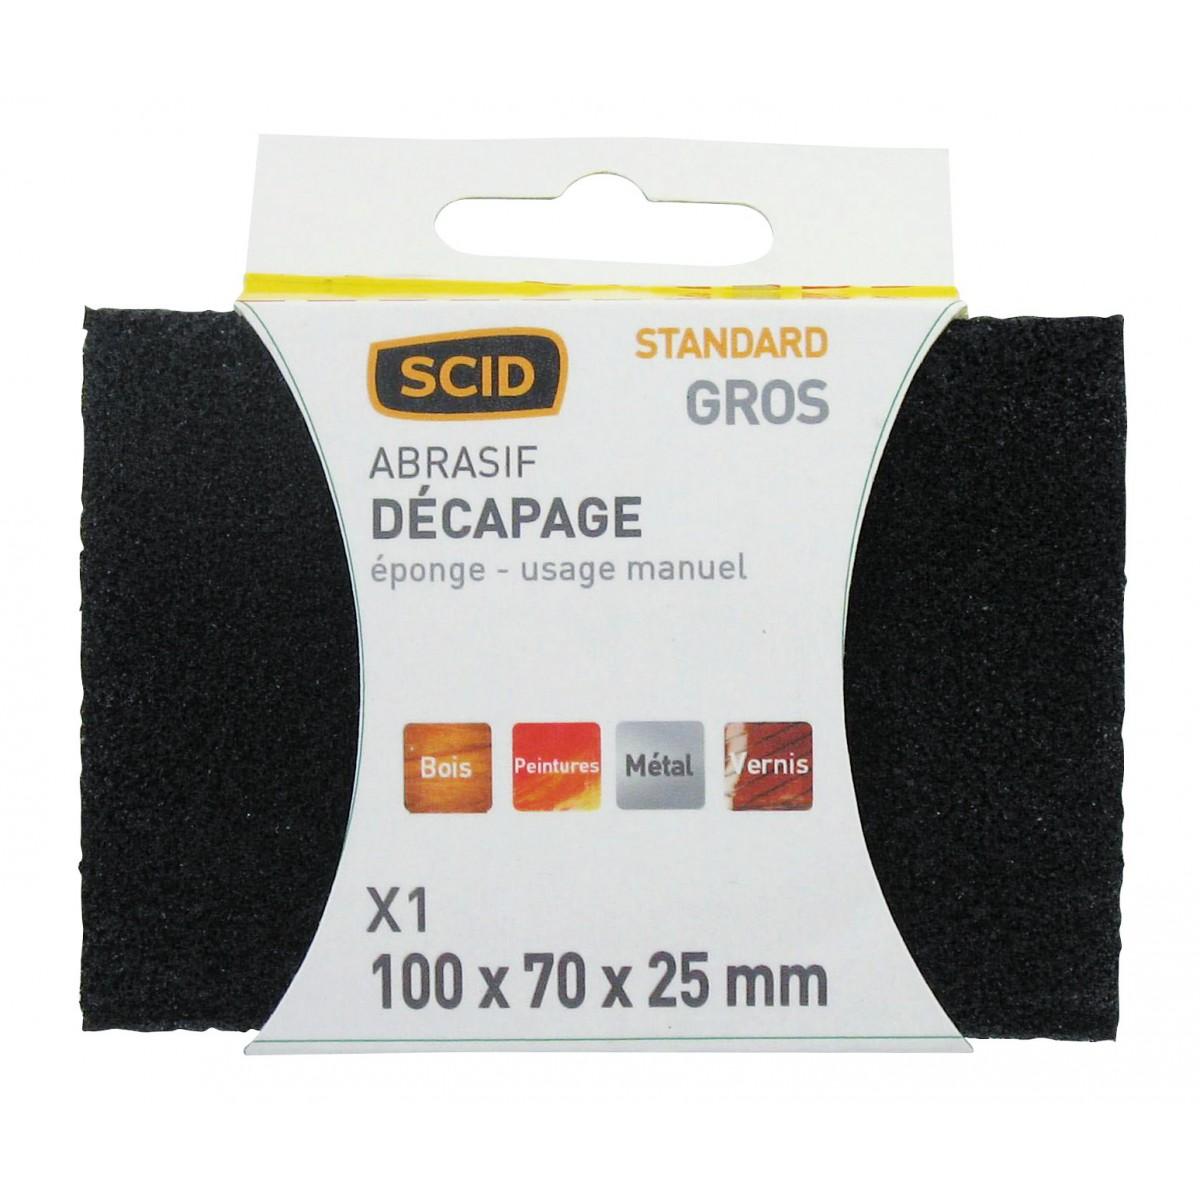 Eponge abrasive 4 faces SCID - Grain Gros - Vendu par 1